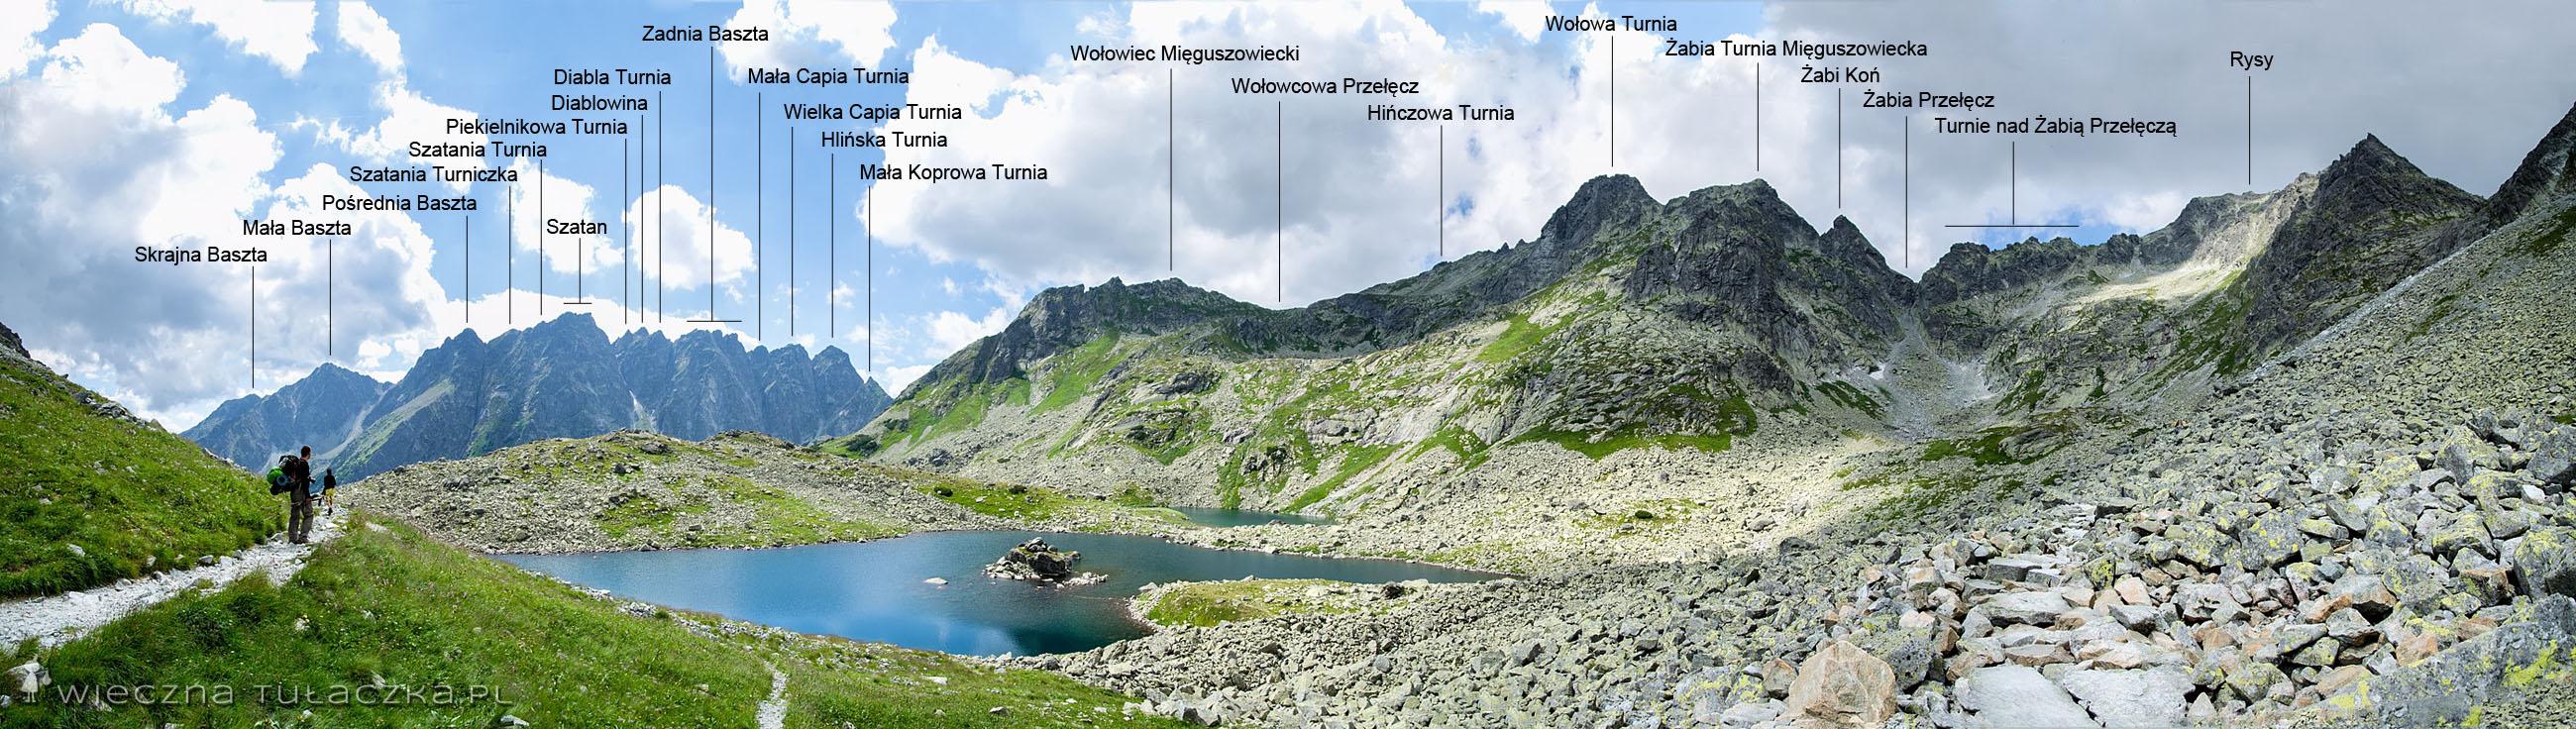 Żabia Dolina Mięguszowiecka - panorama